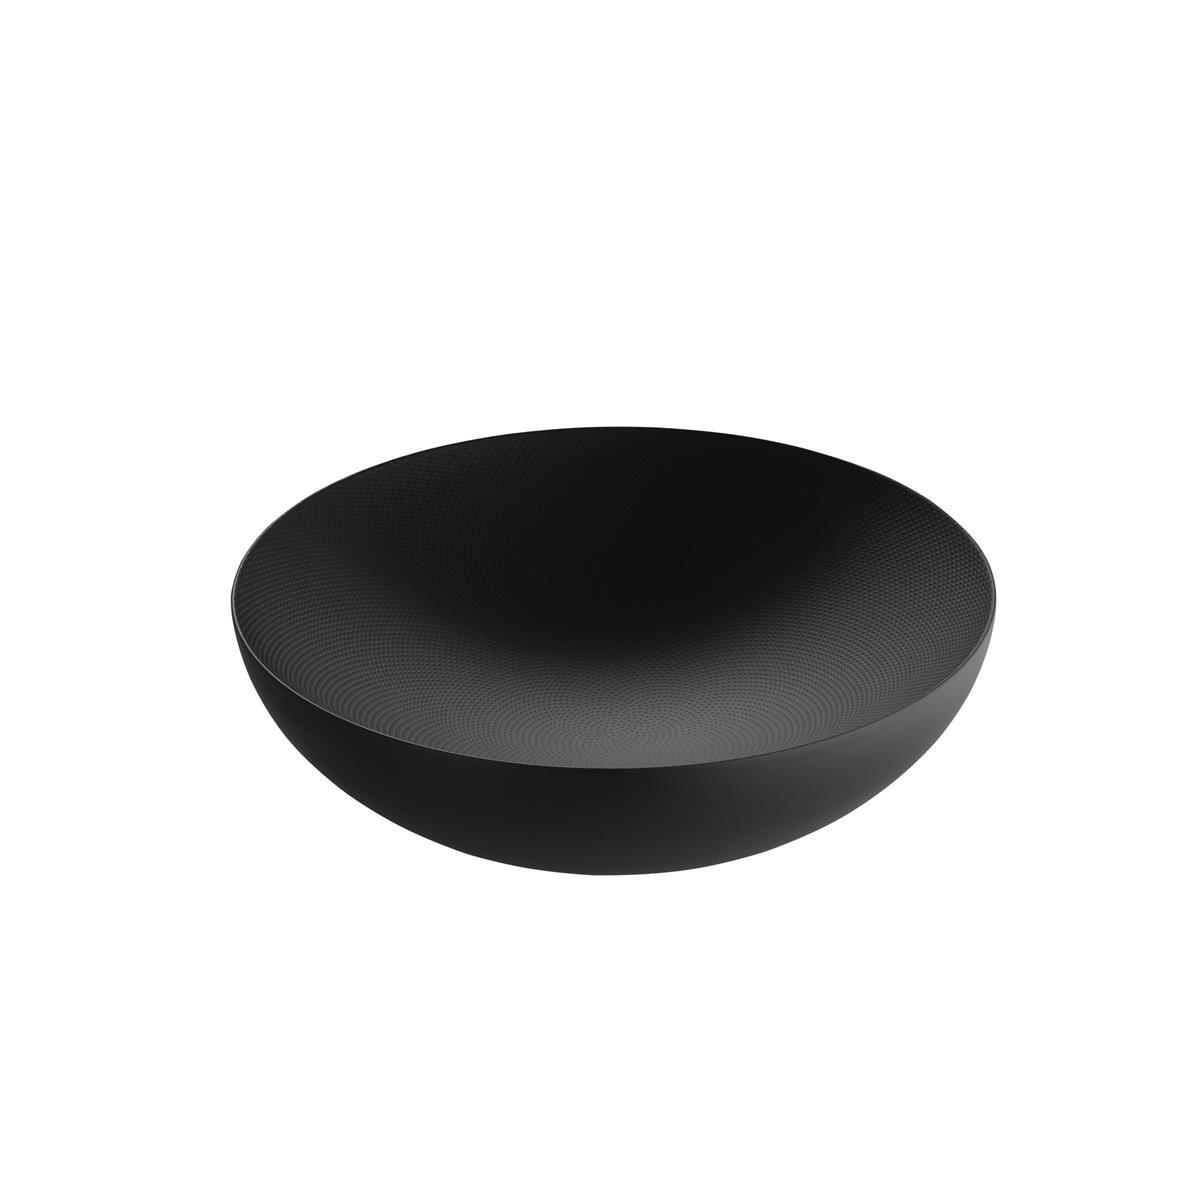 Alessi-Double Doppelwandige Schale aus farbigem Stahl und Harz, schwarz